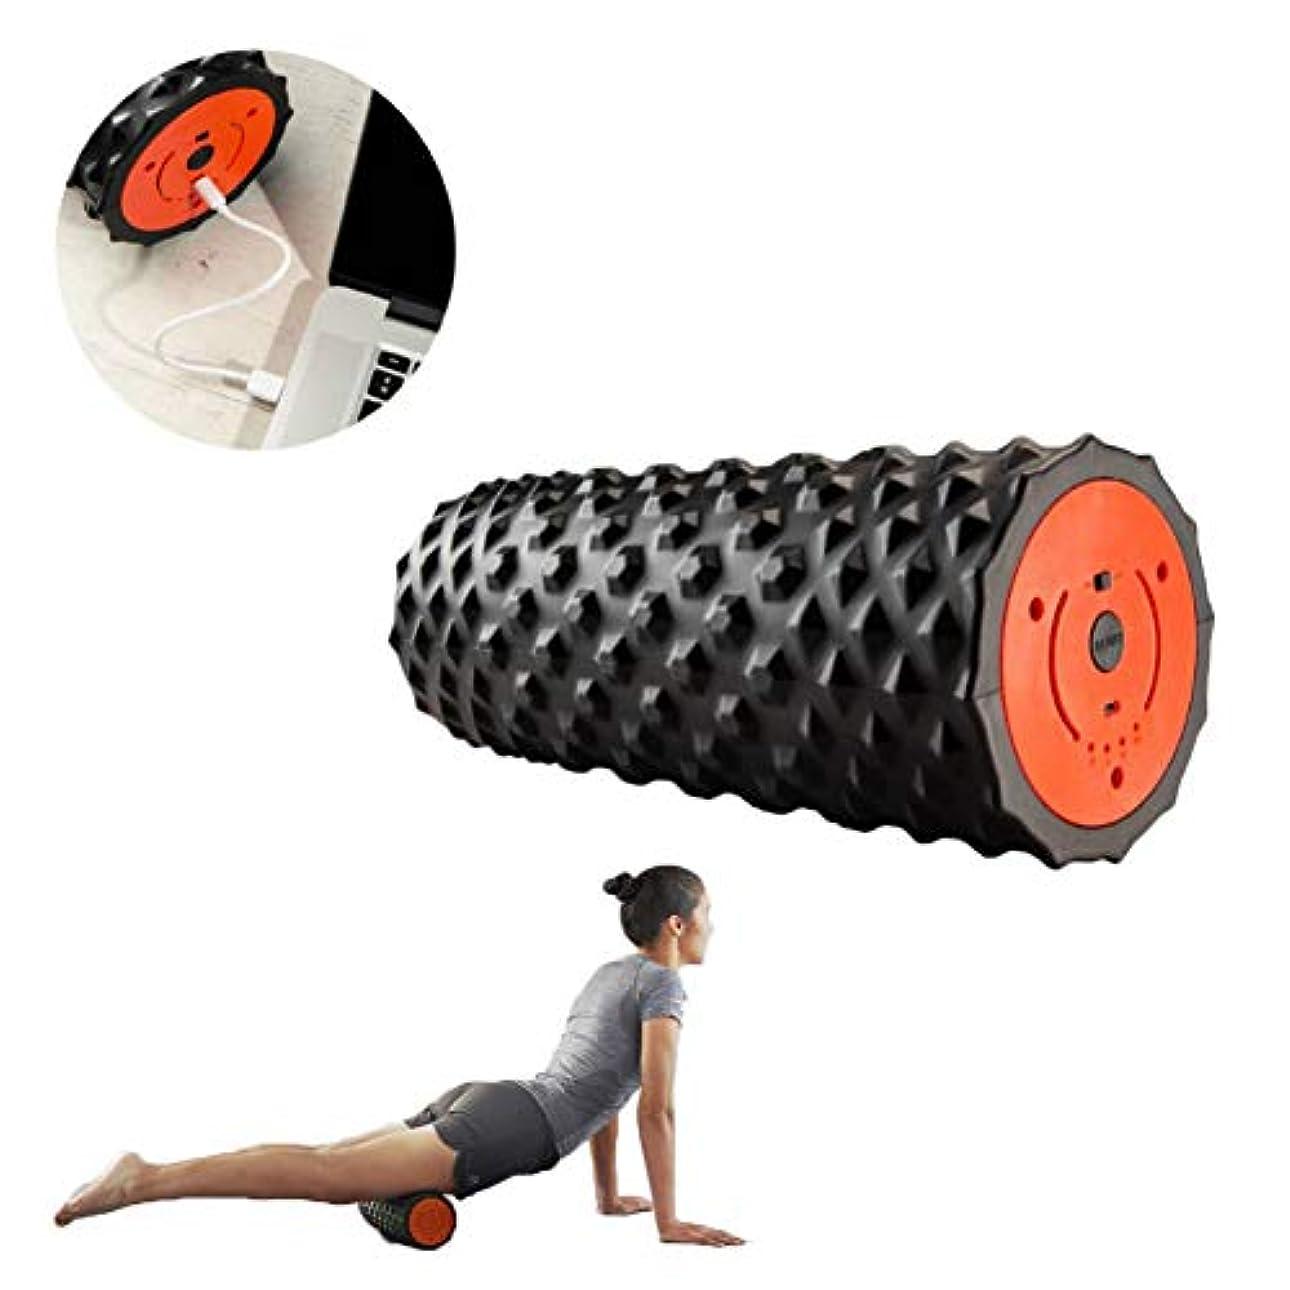 独占ワーディアンケース泣き叫ぶフォームローラー 電気適性のマッサージャーは運動後の筋肉深いティッシュの制動機ポイントの処置のために再充電可能です